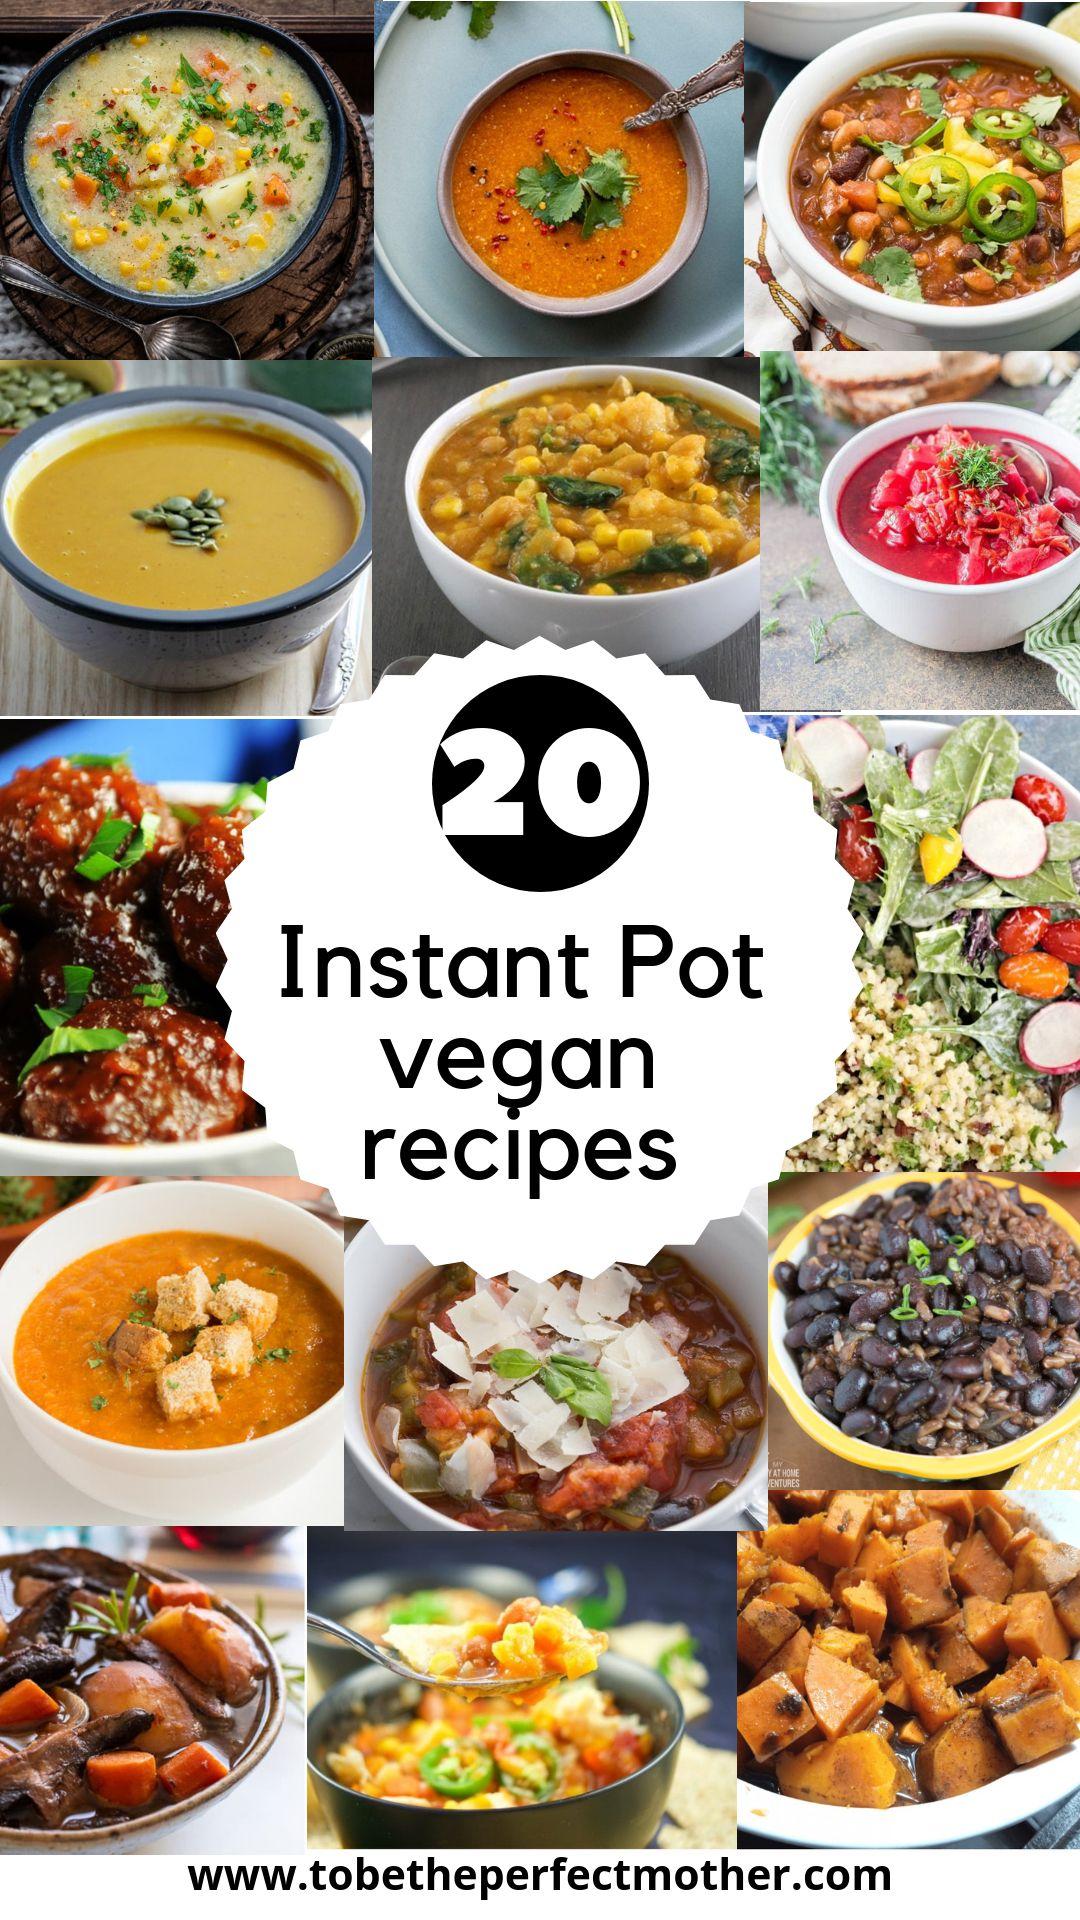 20 Instant Pot Vegan Recipes To Be The Perfect Mother Gluten Free Vegetarian Recipes Vegan Recipes Recipes